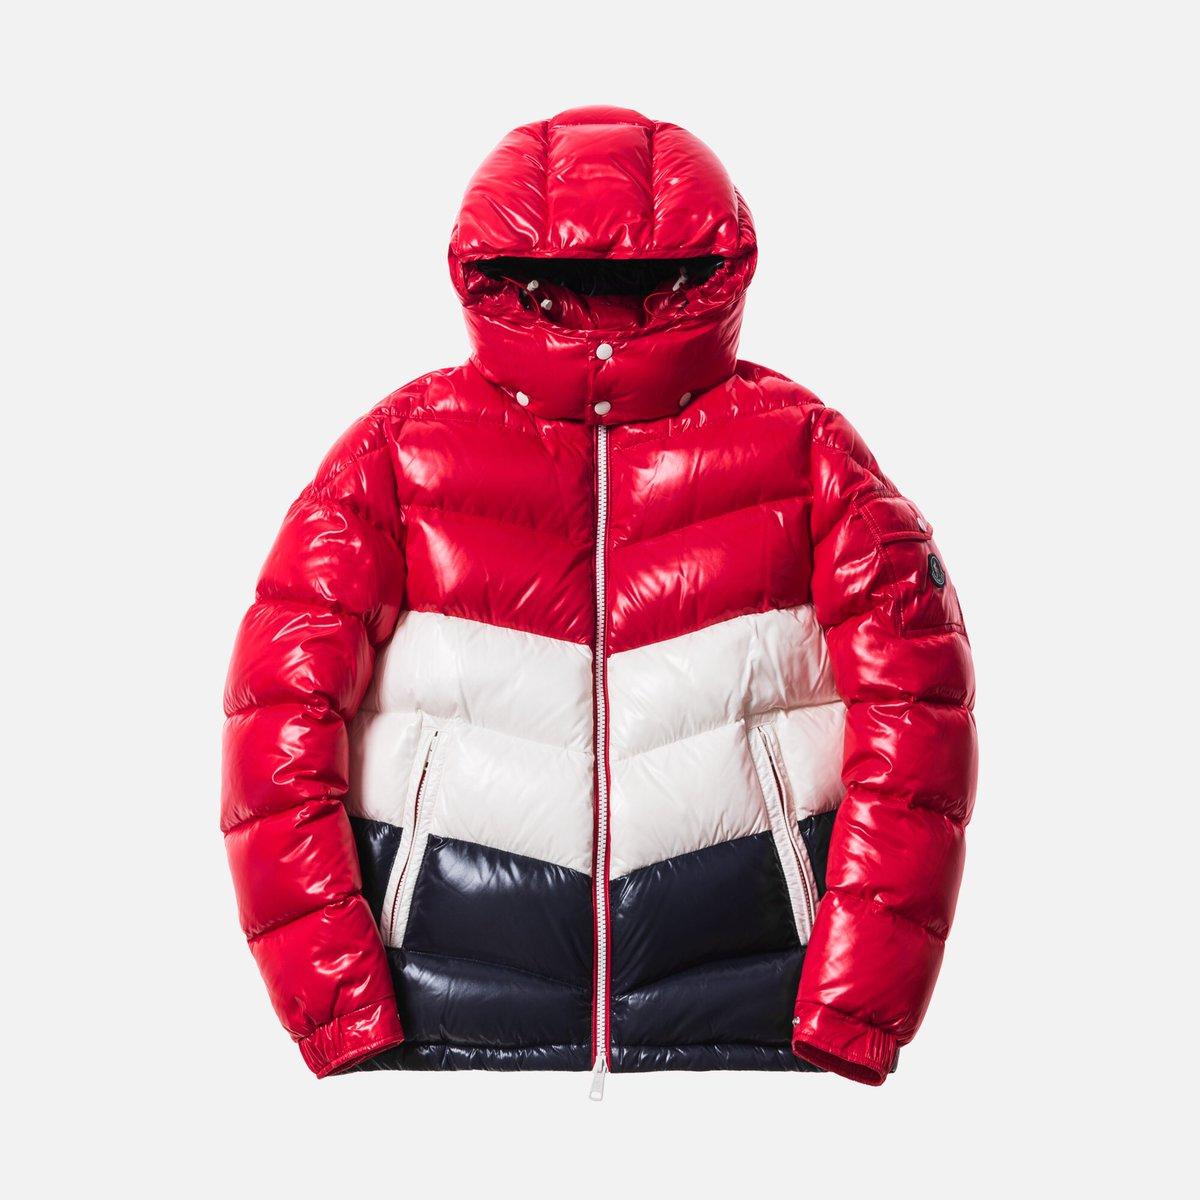 moncler jacket europe